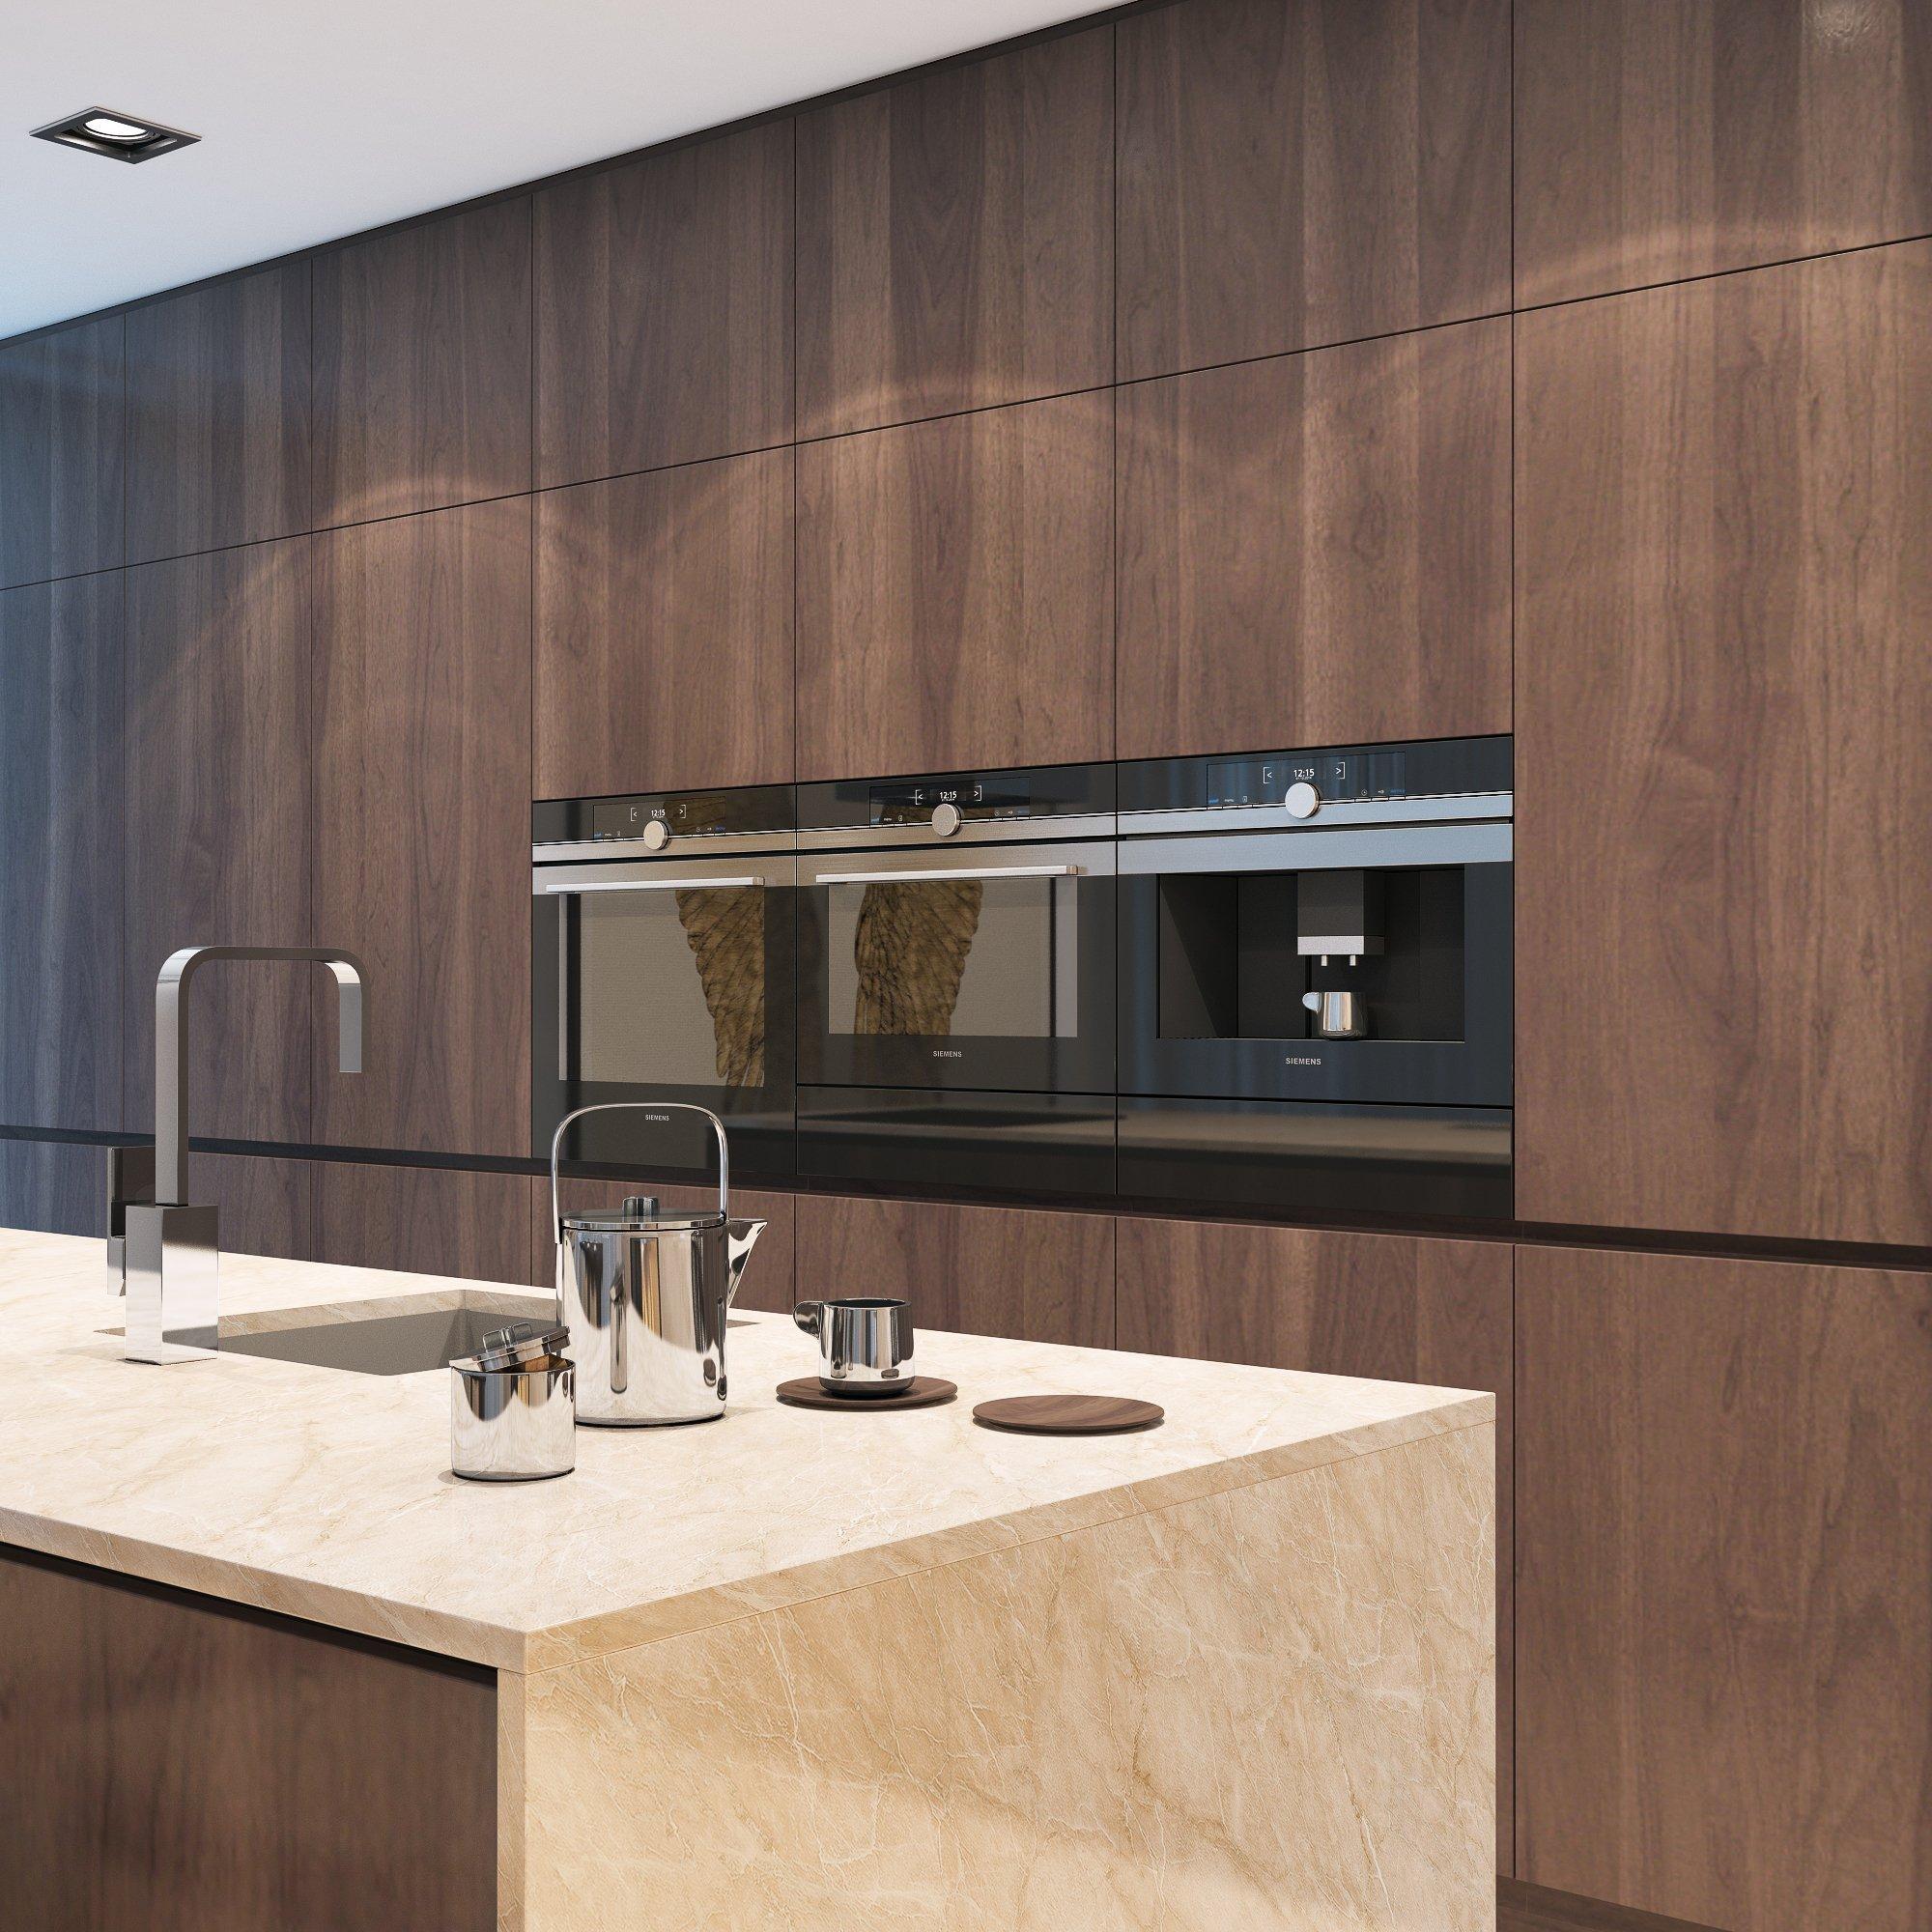 Návrh interiéru dvoupodlažního domu, kde jsou použity exkluzivní materiály s vysokou kvalitou. Interiéry jsou řešeny velkoryse, obzvláště hlavní denní prostor…